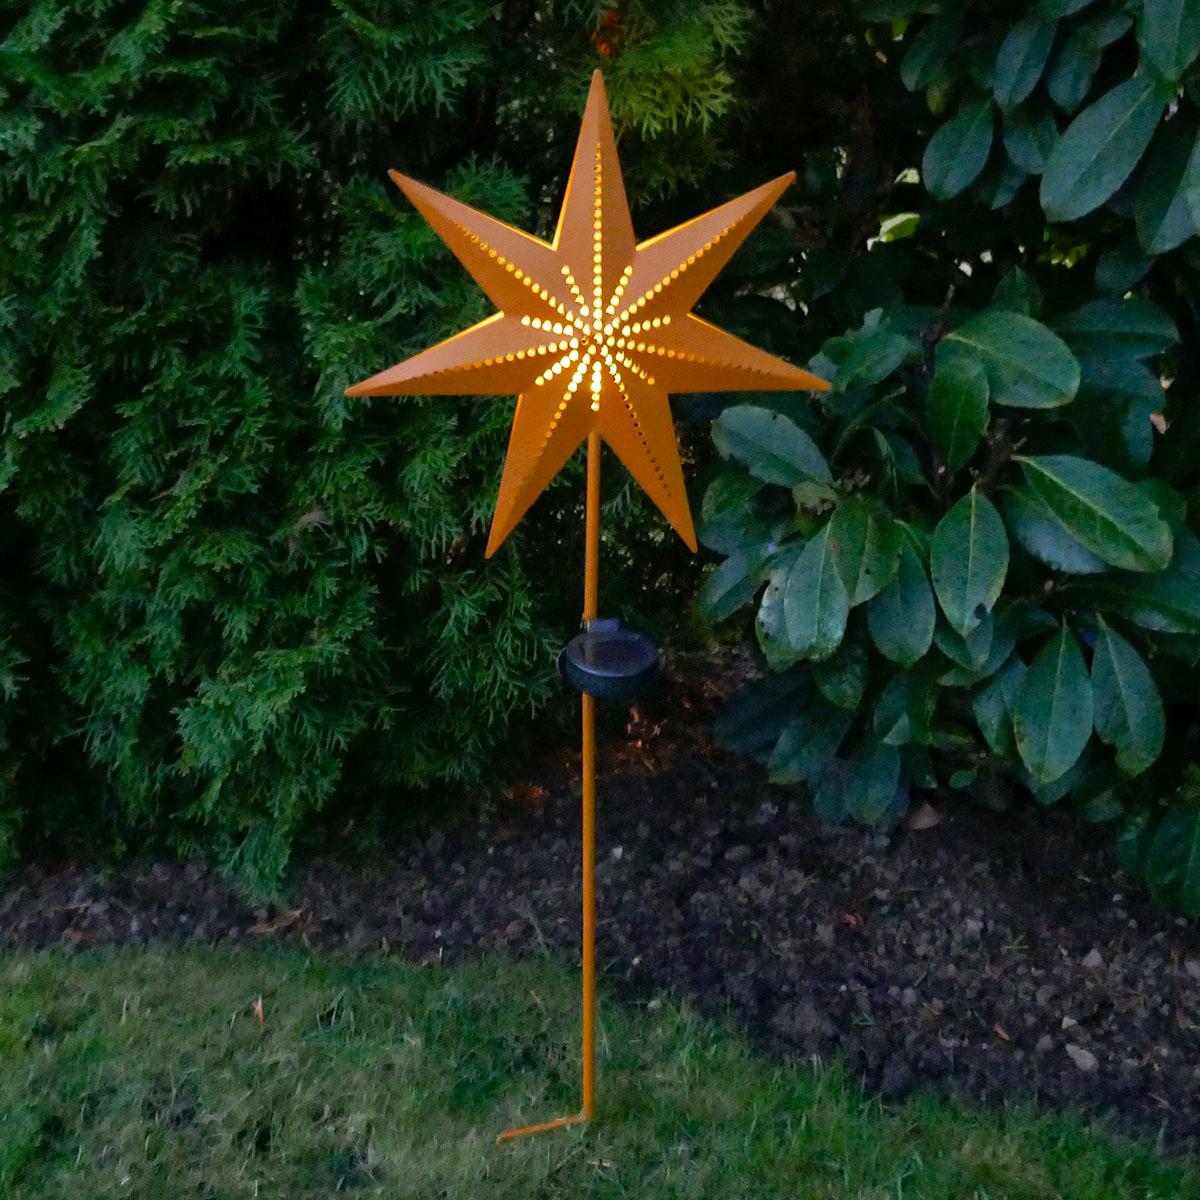 Gartenstecker Stern mit Solar-LED-Beleuchtung Image